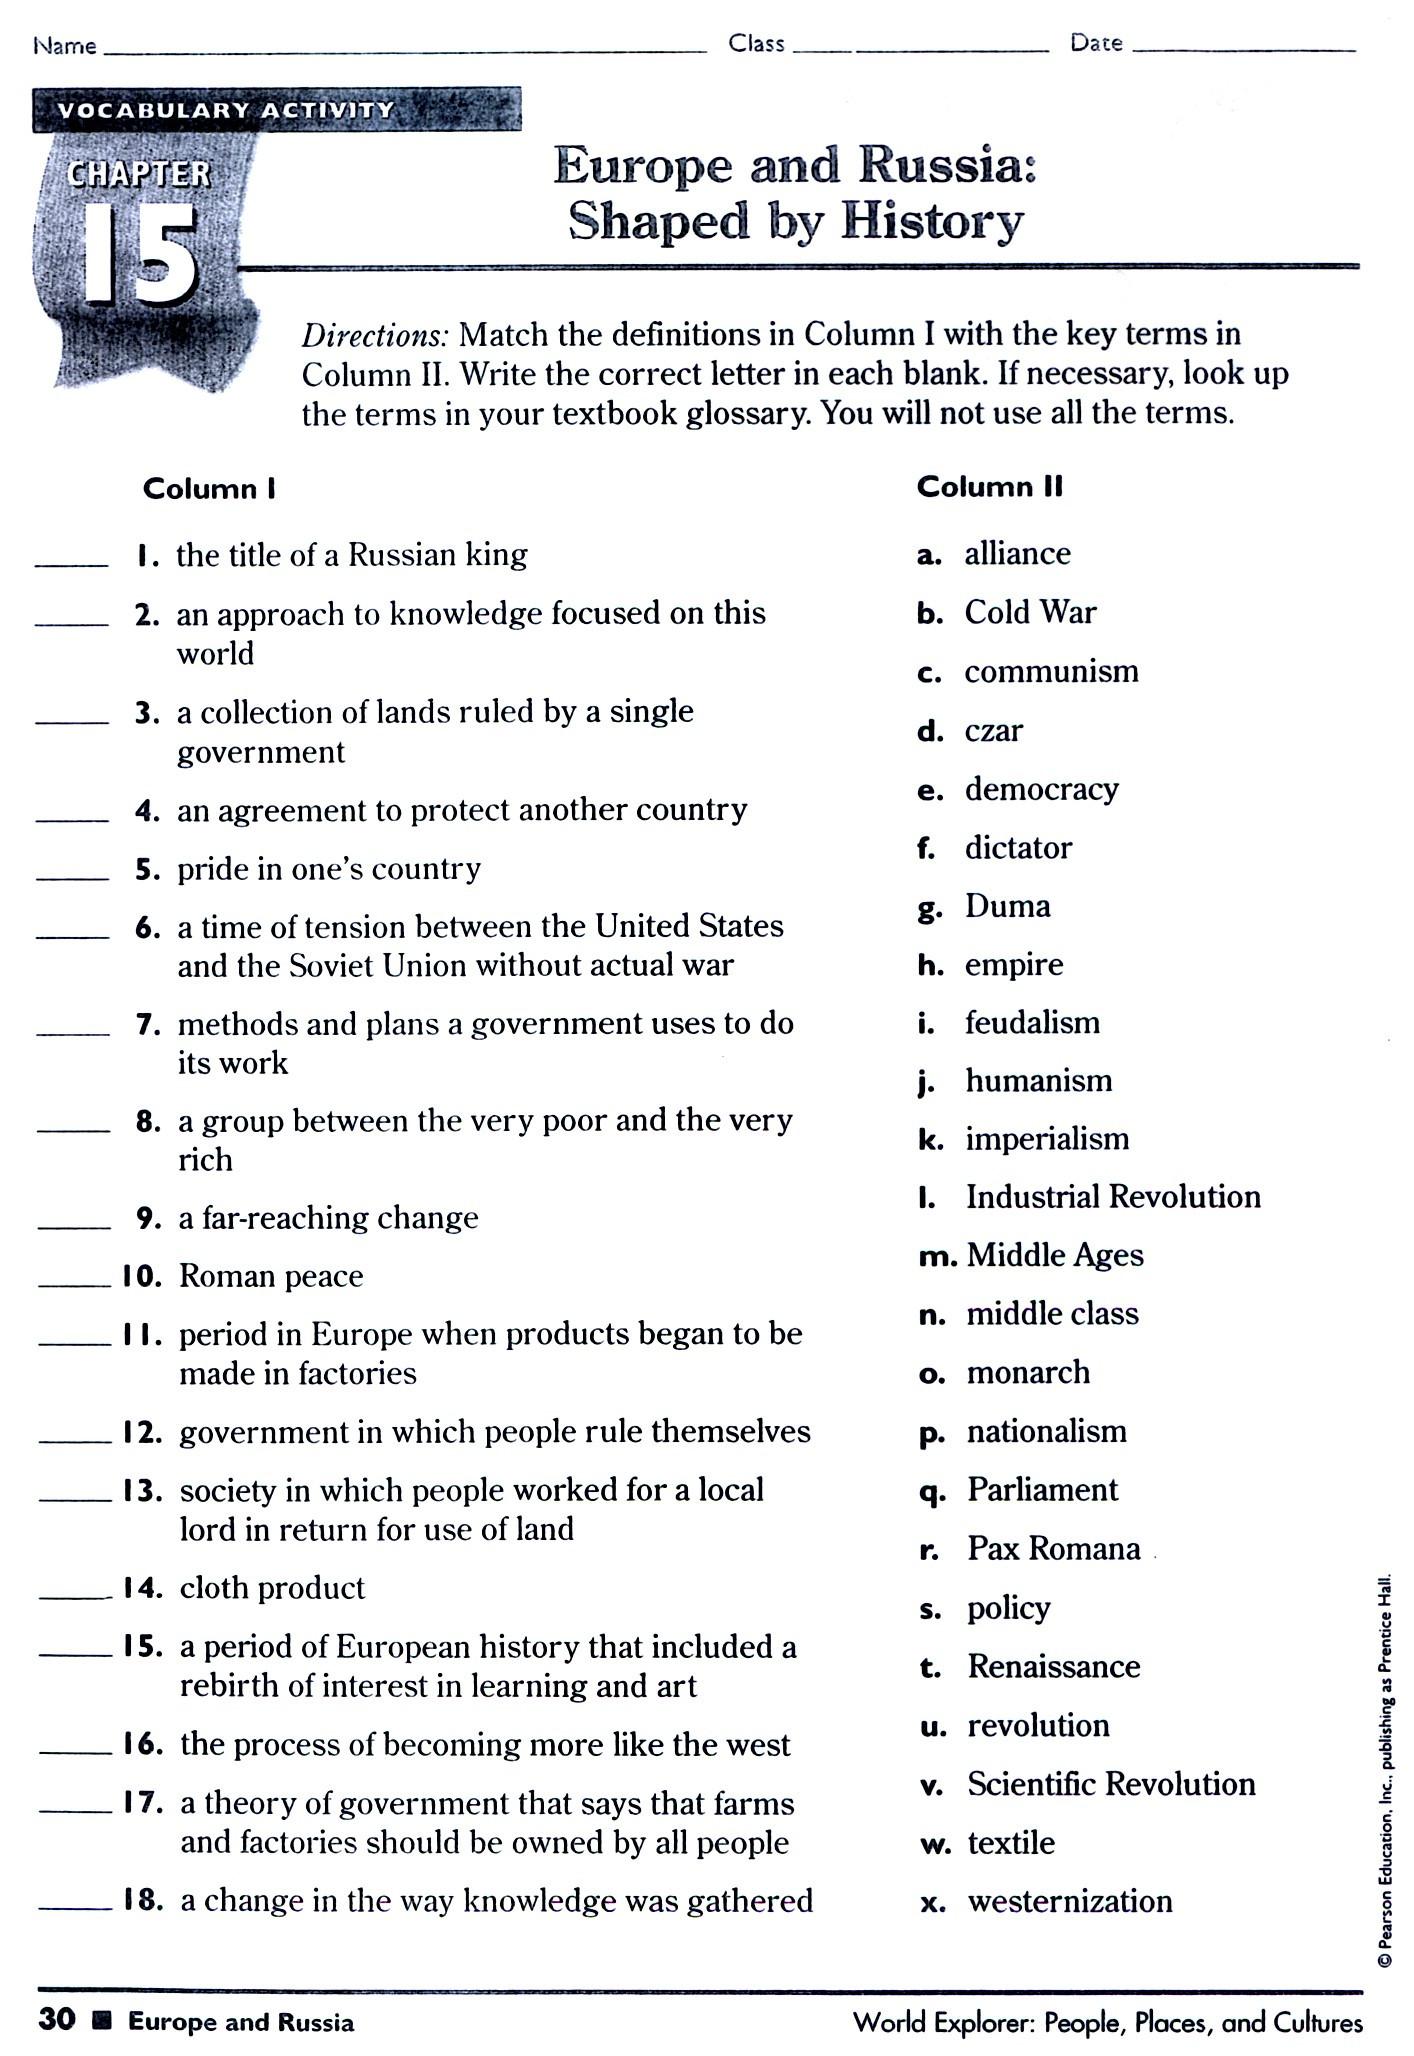 5th Grade History Worksheets 5th Grade History Worksheets